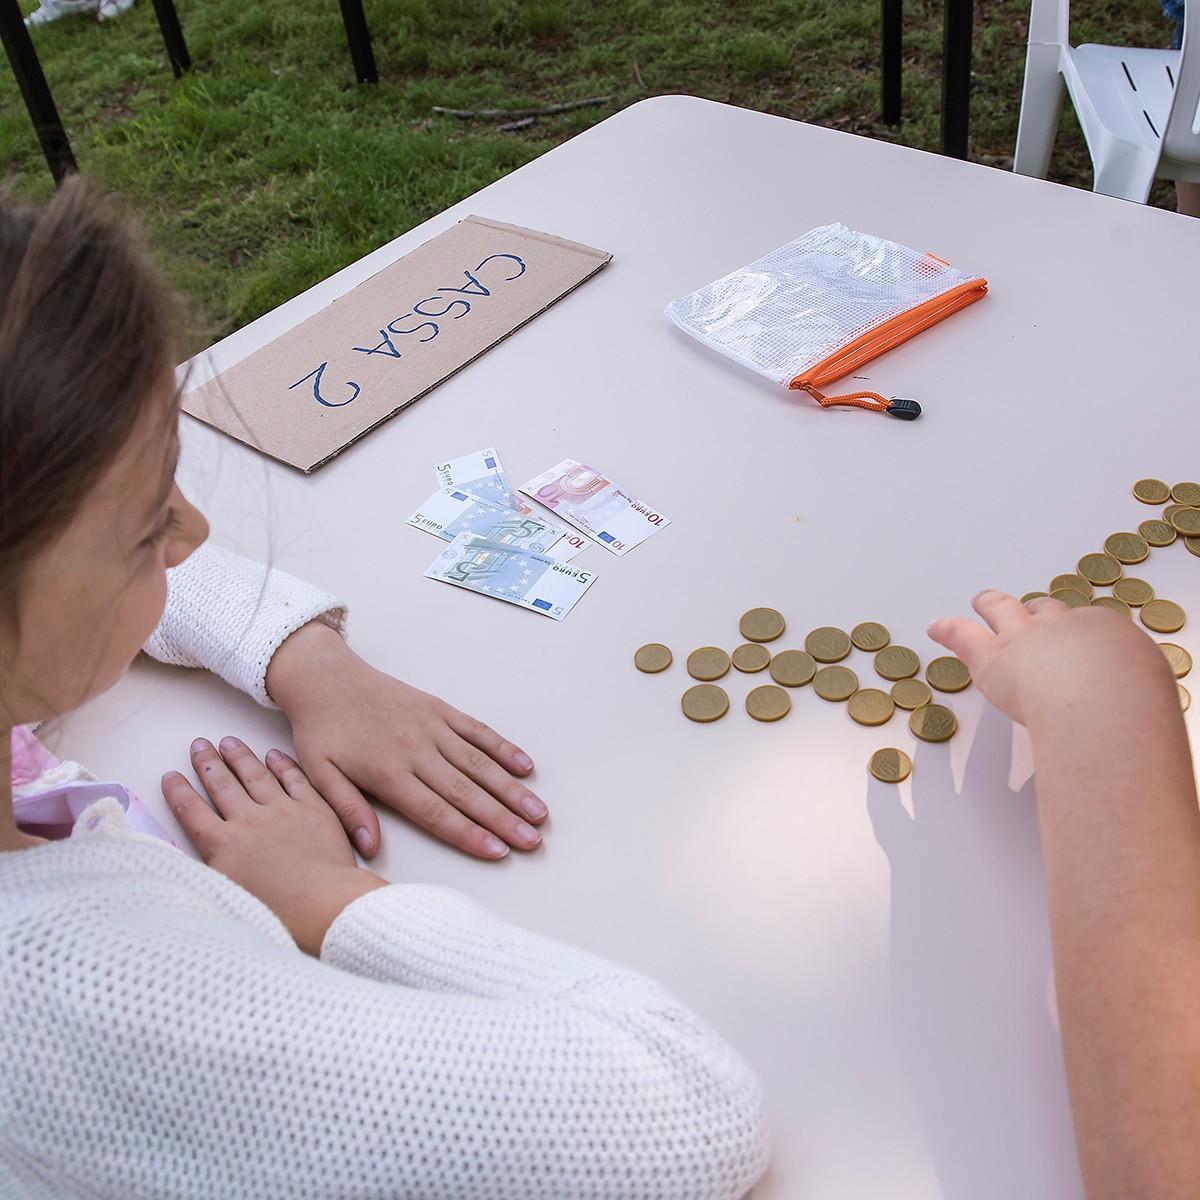 Il gioco del mercatino per allenare i calcoli | Biella Cresce